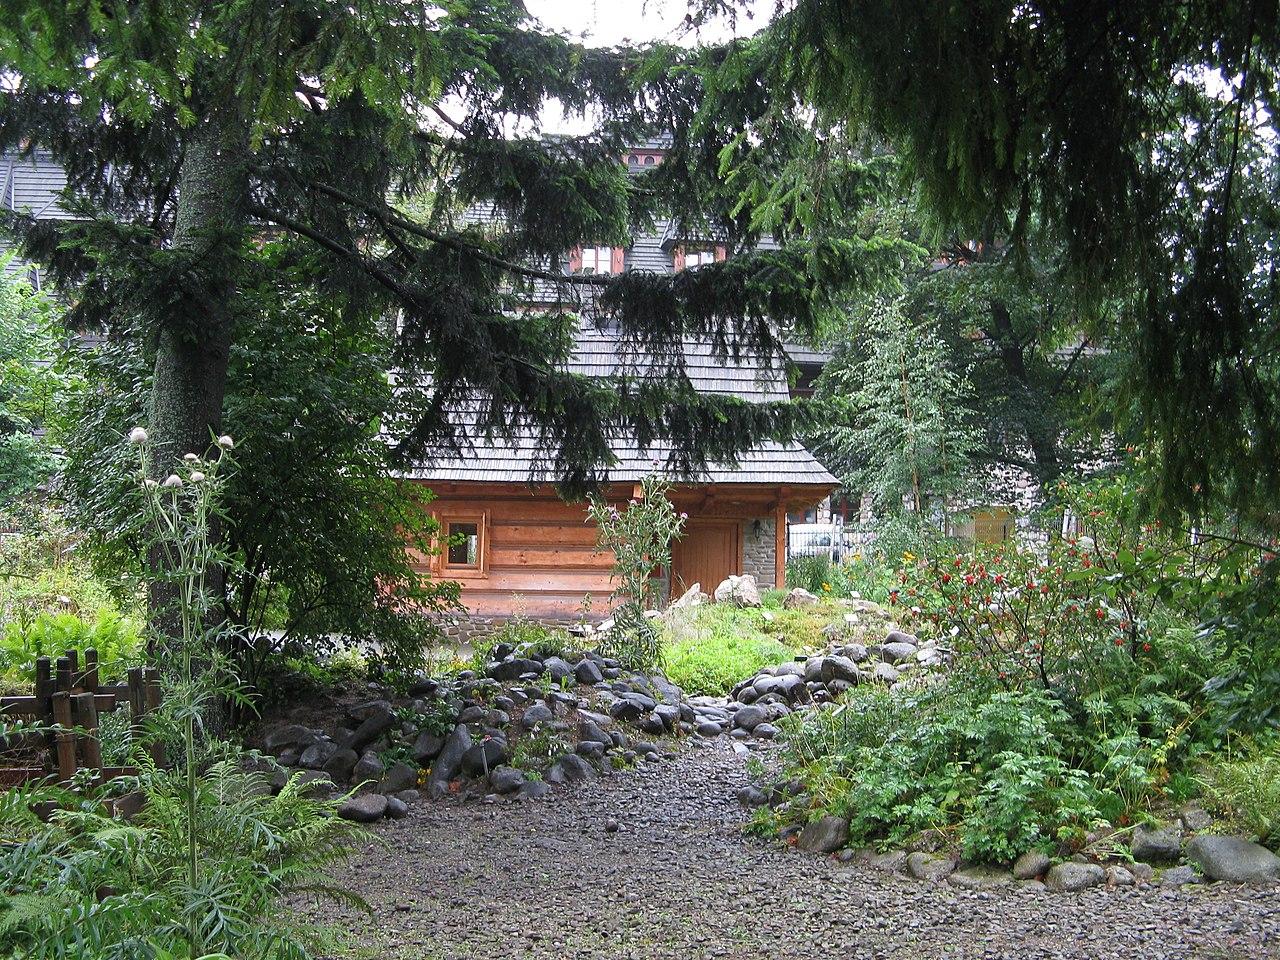 Ogród Botaniczny Zakopane